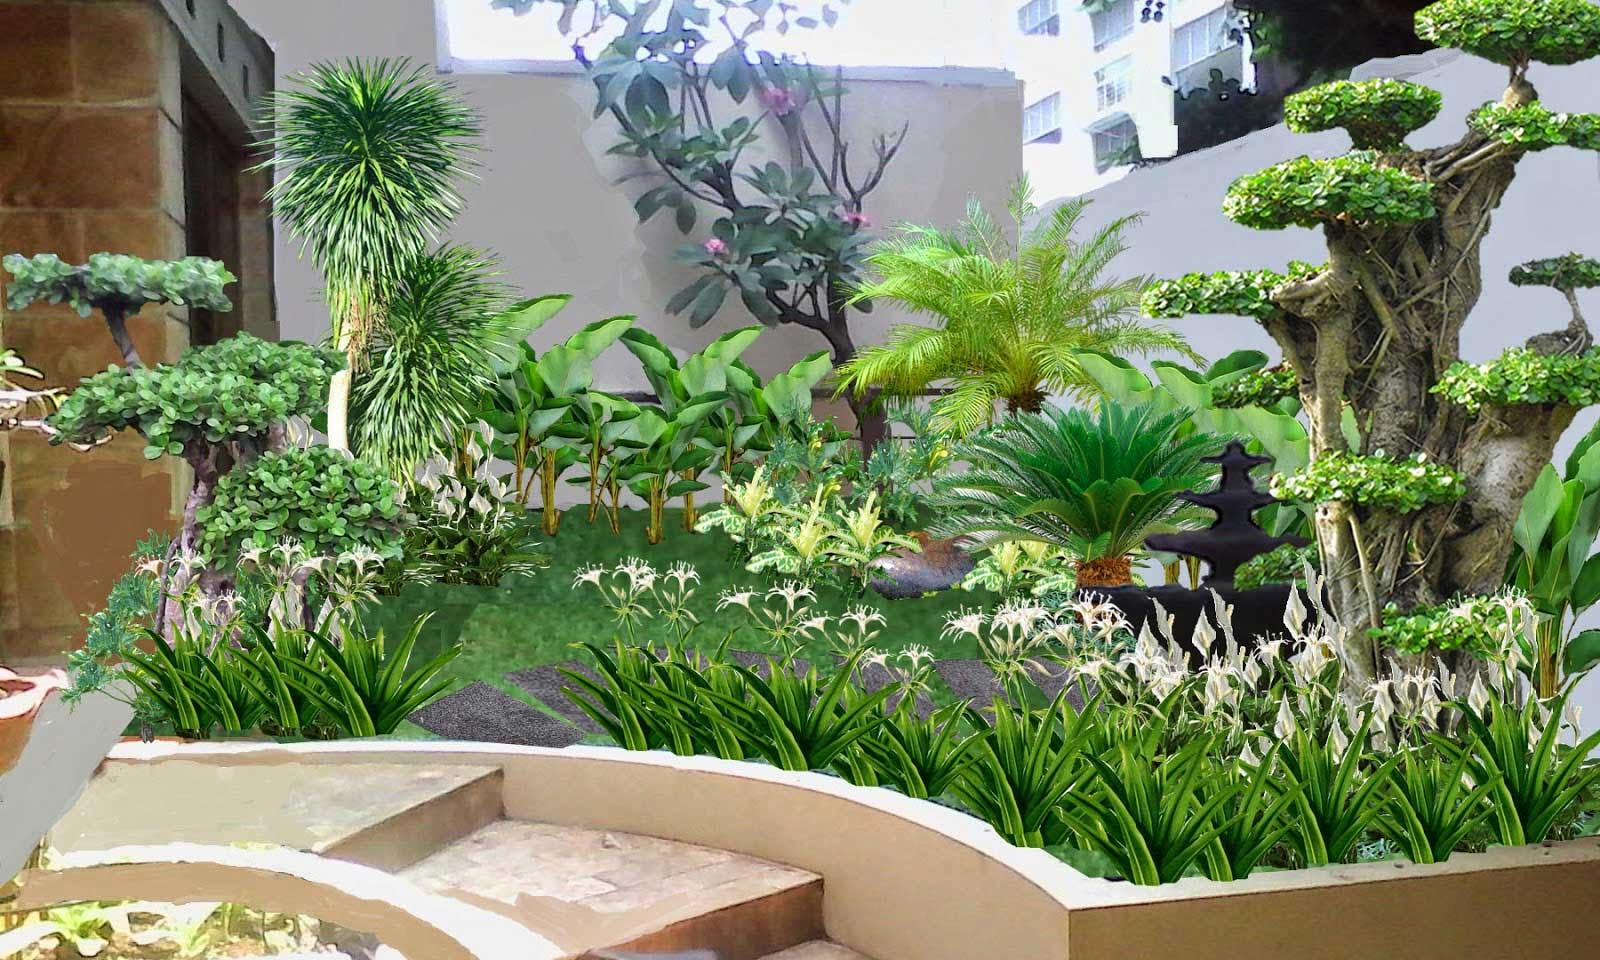 Garden-Flower-Decorative-and-Bonsai-Design-Garden-House-Minimalist